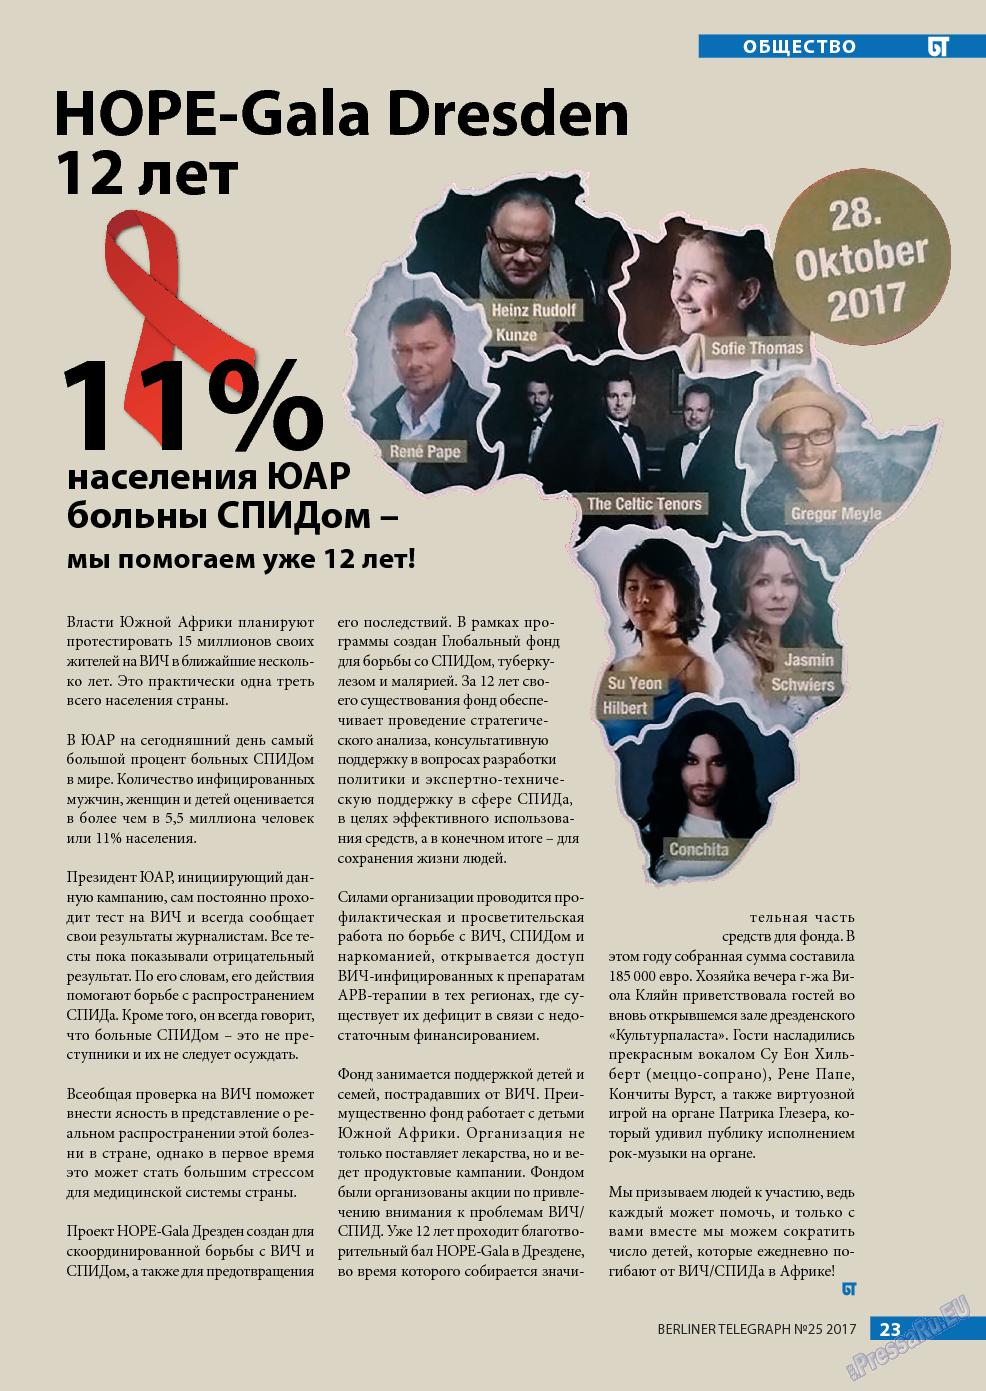 Берлинский телеграф (журнал). 2017 год, номер 25, стр. 23